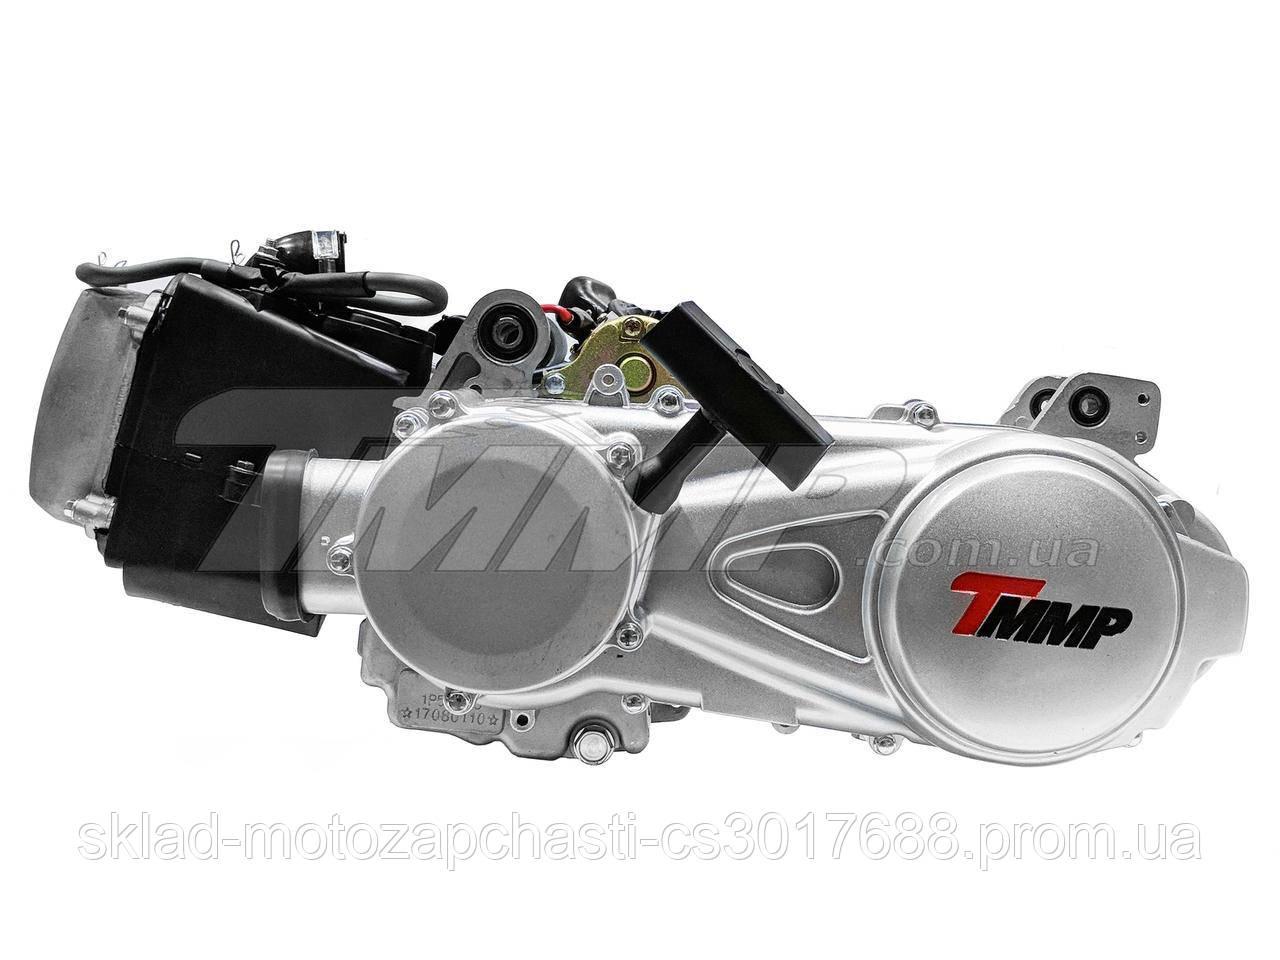 Двигатель для квадроцикла АТВ/ATV-150куб 1P57QMJ-D  (ATV150)